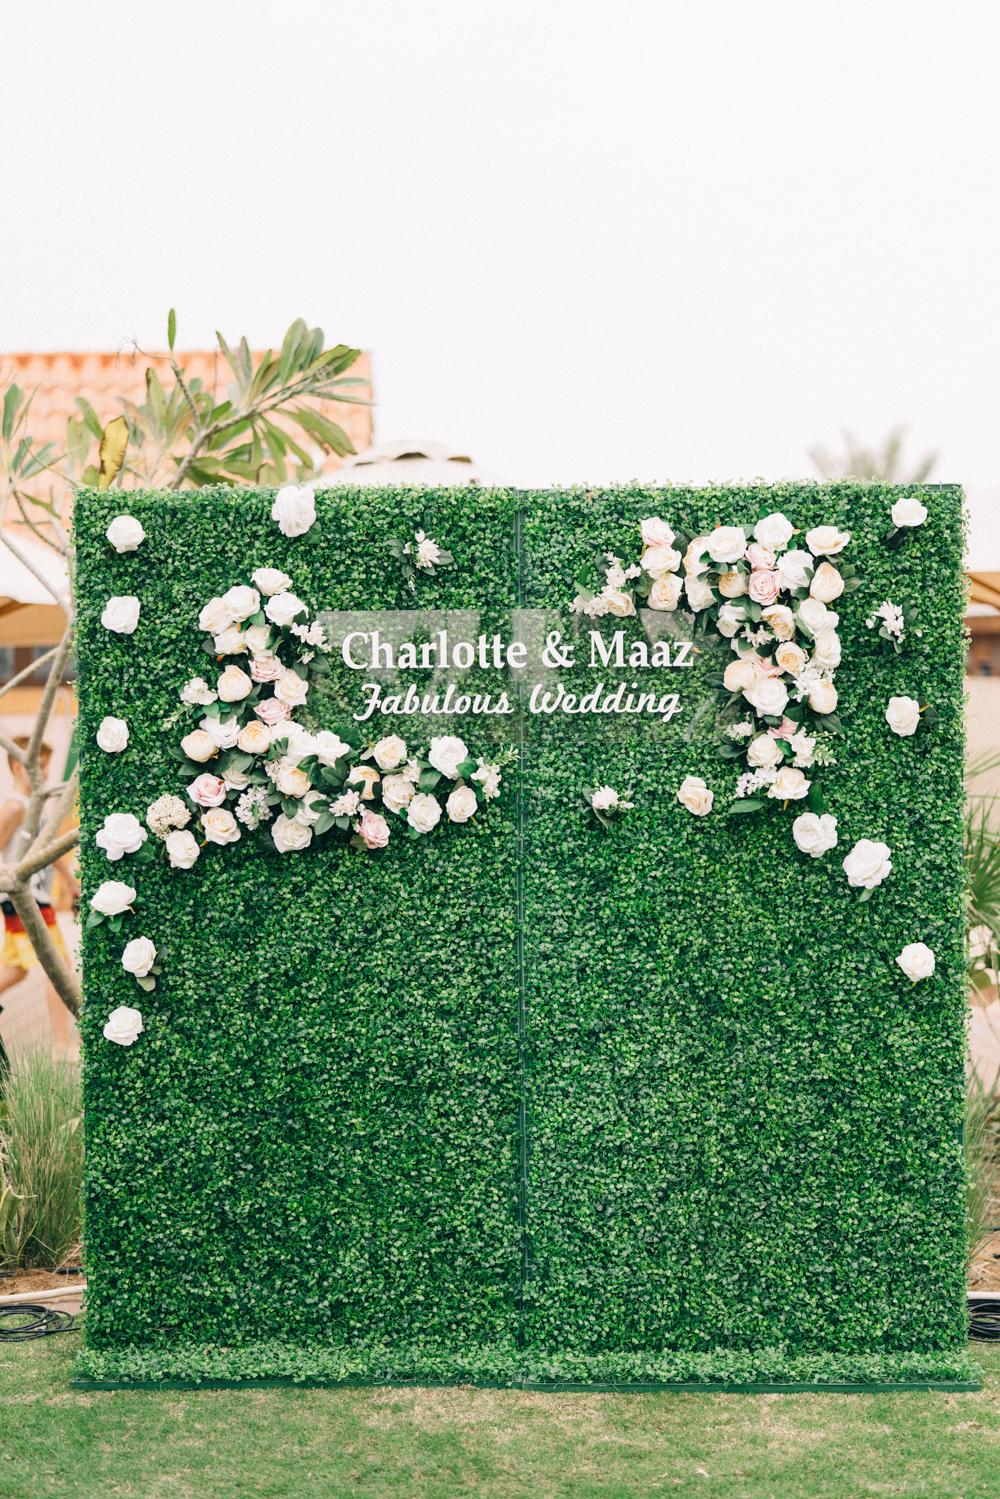 Unique Photobooth Backdrop - An Intimate Ritz Carlton Dubai Wedding